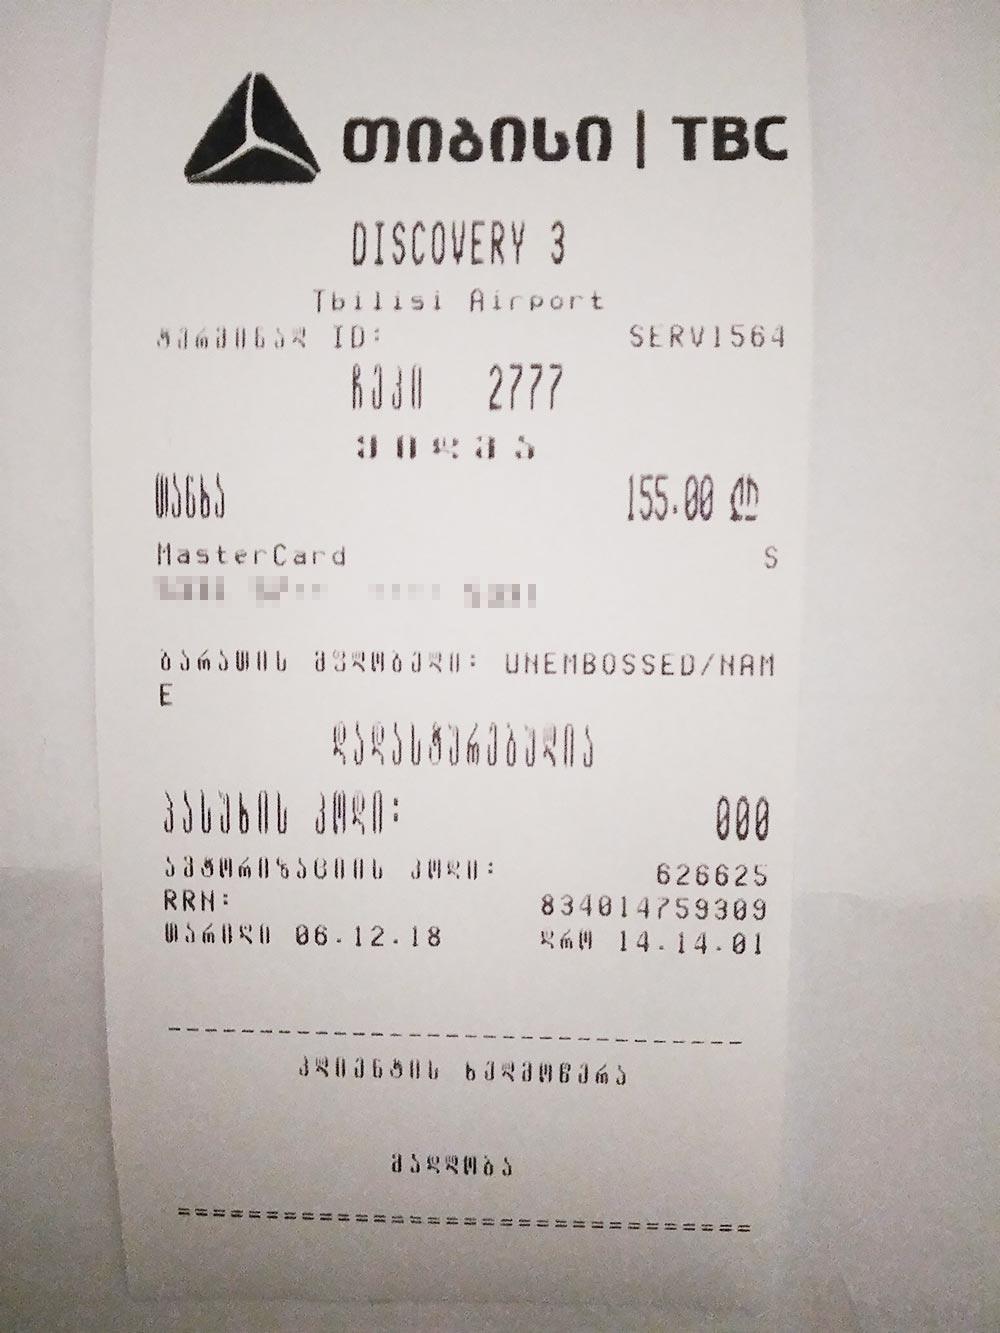 Чек об оплате регистрации на рейс Тбилиси — Казань. Регистрация стоила 155 лари — почти 4 тысячи рублей